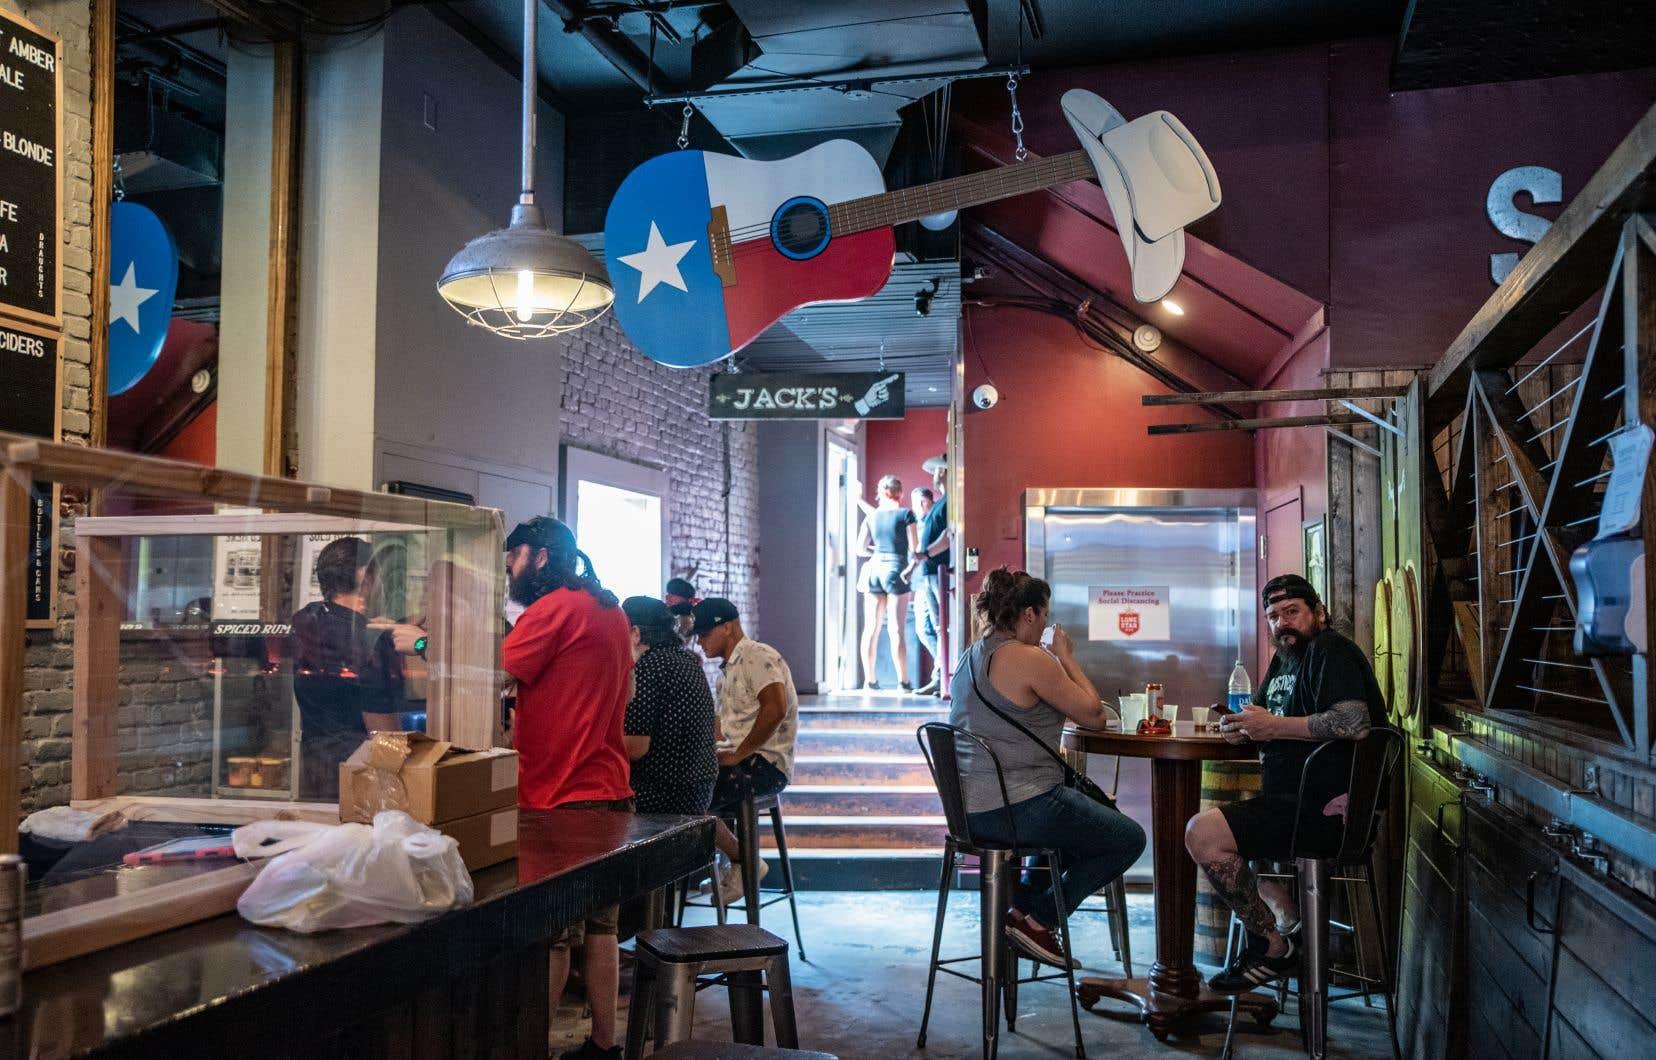 Les bars et restaurants avaient rouvert en mai, à respectivement 50 % et 75 % de leur capacité maximale.